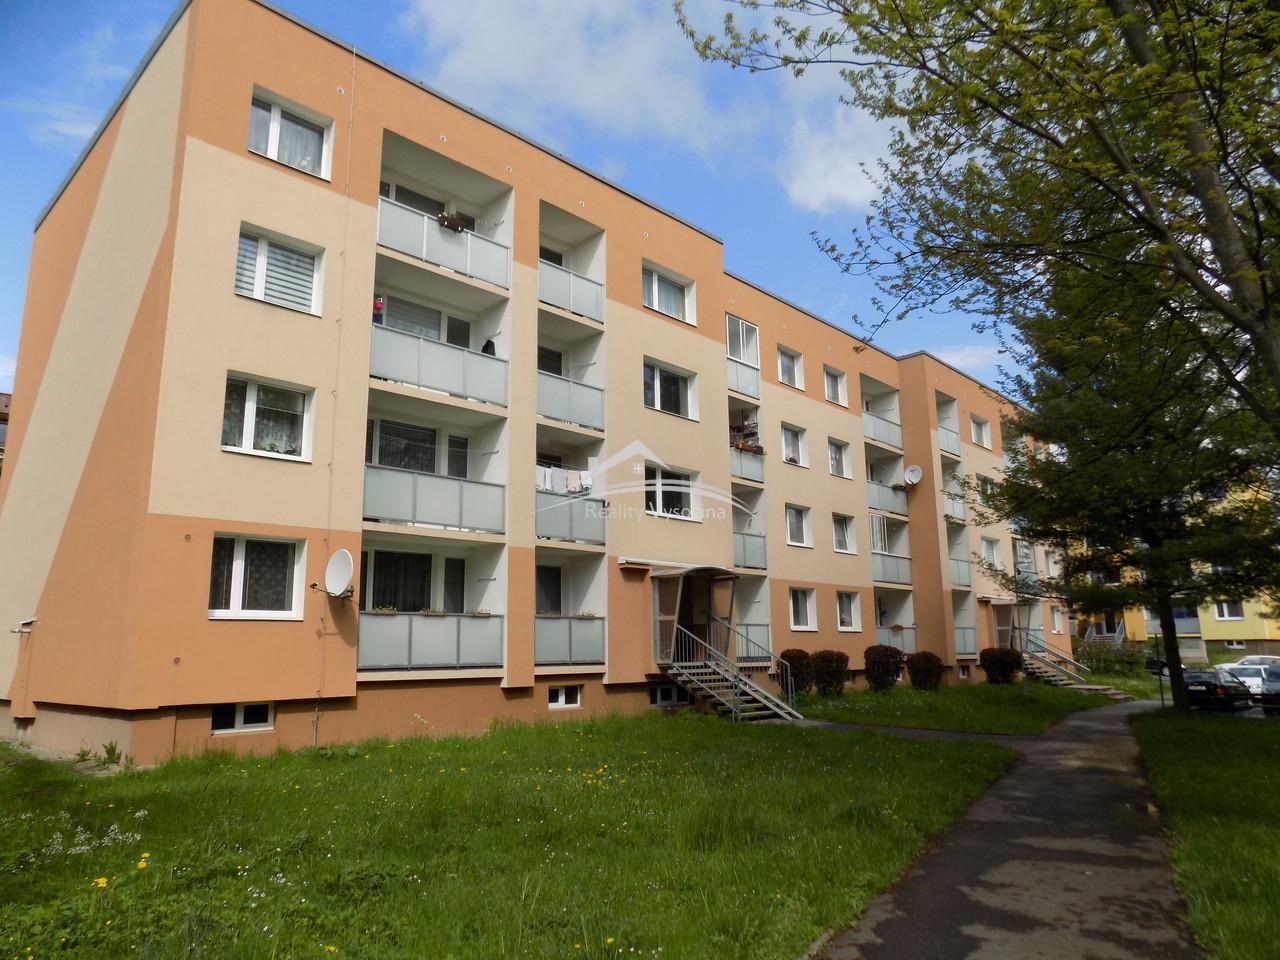 Prodej bytu 3+1/B, 67m2,ve  Cvikově, okres Česká Lípa